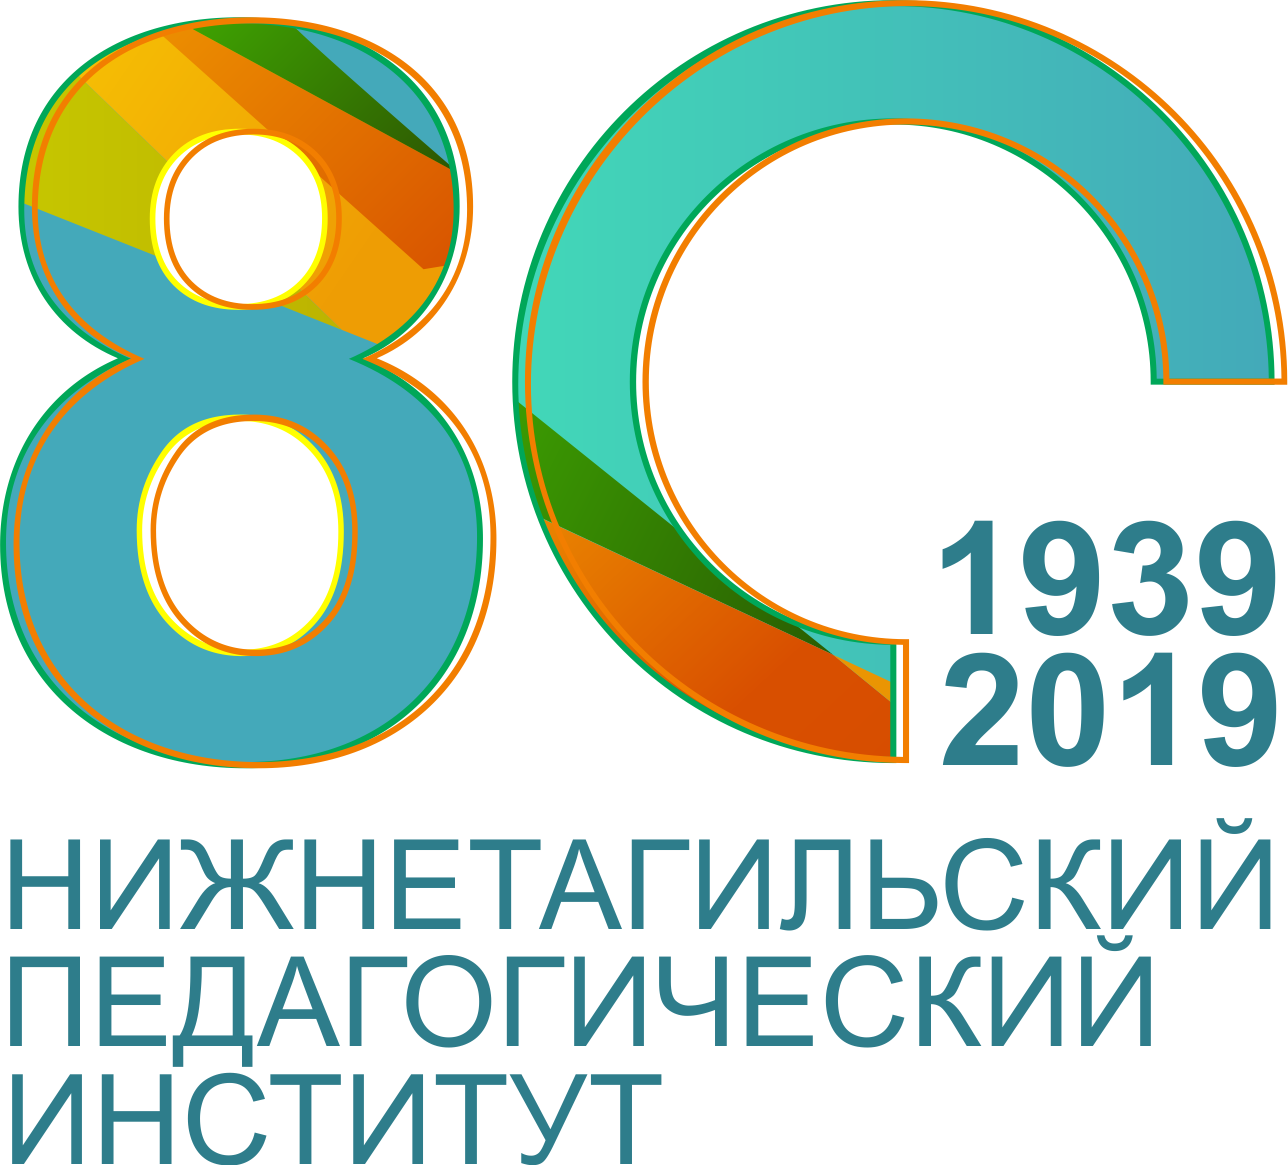 Подготовительные курсы аккредитованные министерством образования словакии de лечебные курорты словакии